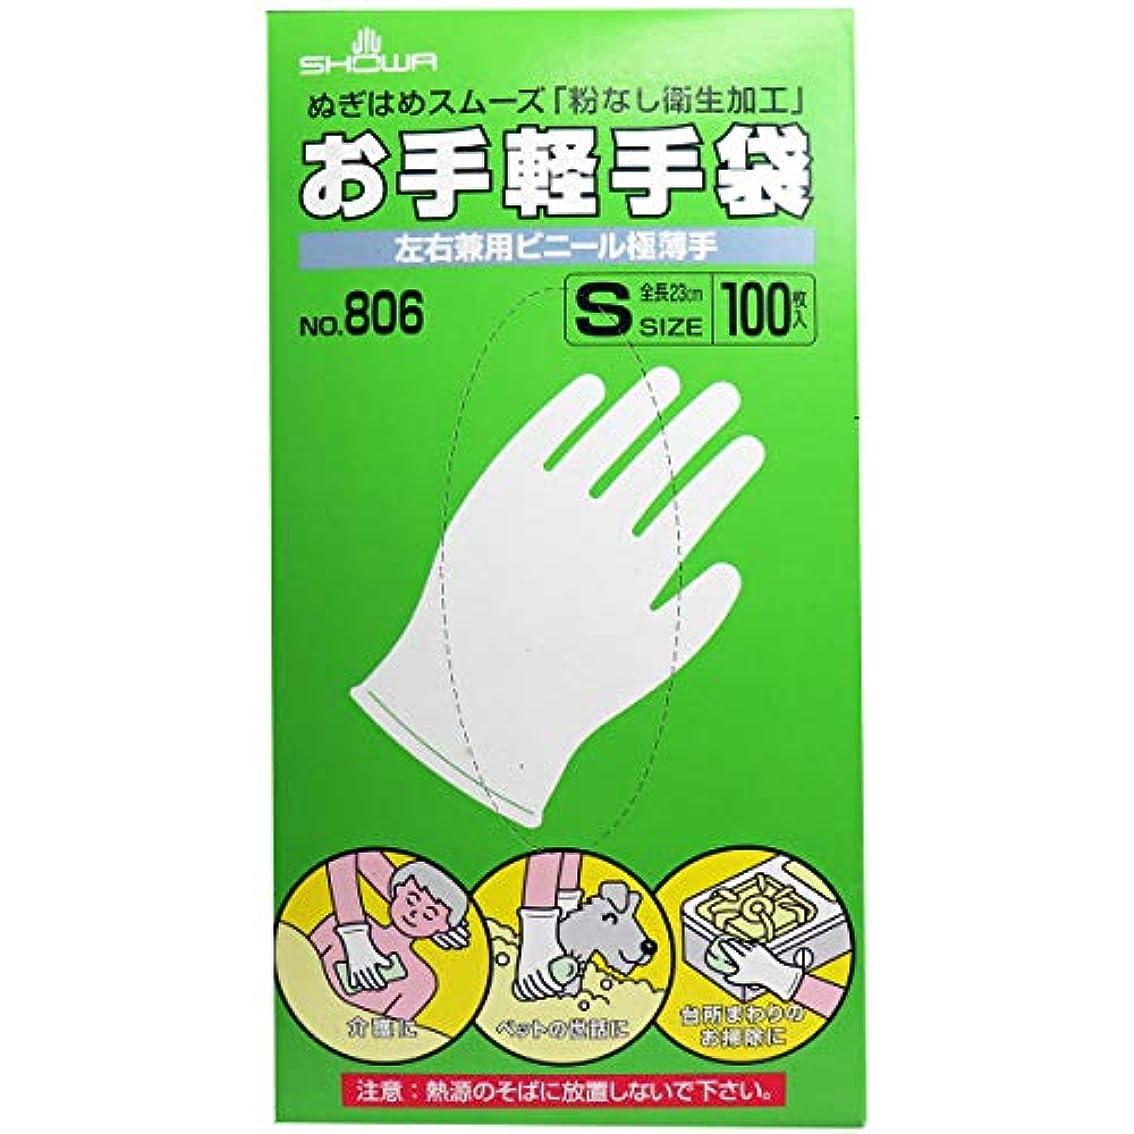 罪エッセンスチロお手軽手袋 No.806 左右兼用ビニール極薄手 粉なし Sサイズ 100枚入×5個セット(管理番号 4901792033589)